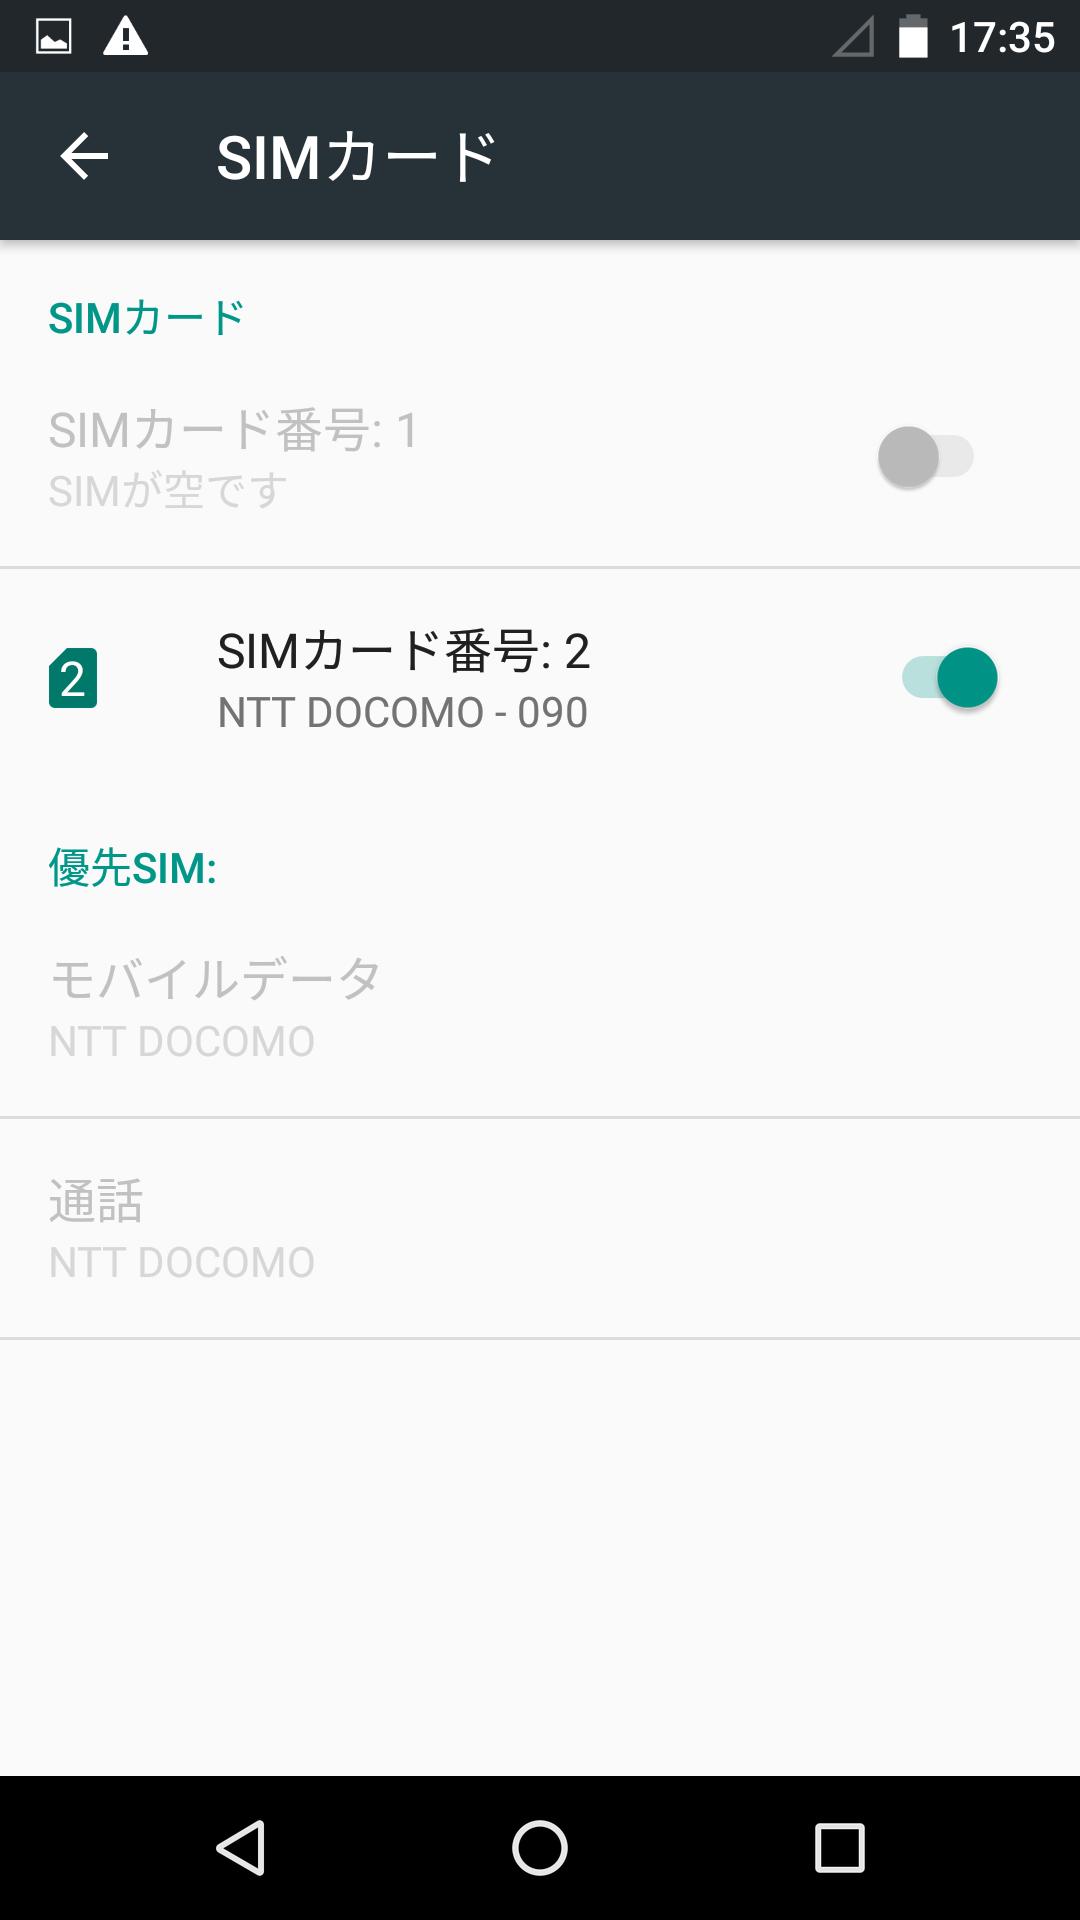 002_SIMスロット2でFOMASIM単体で挿した場合